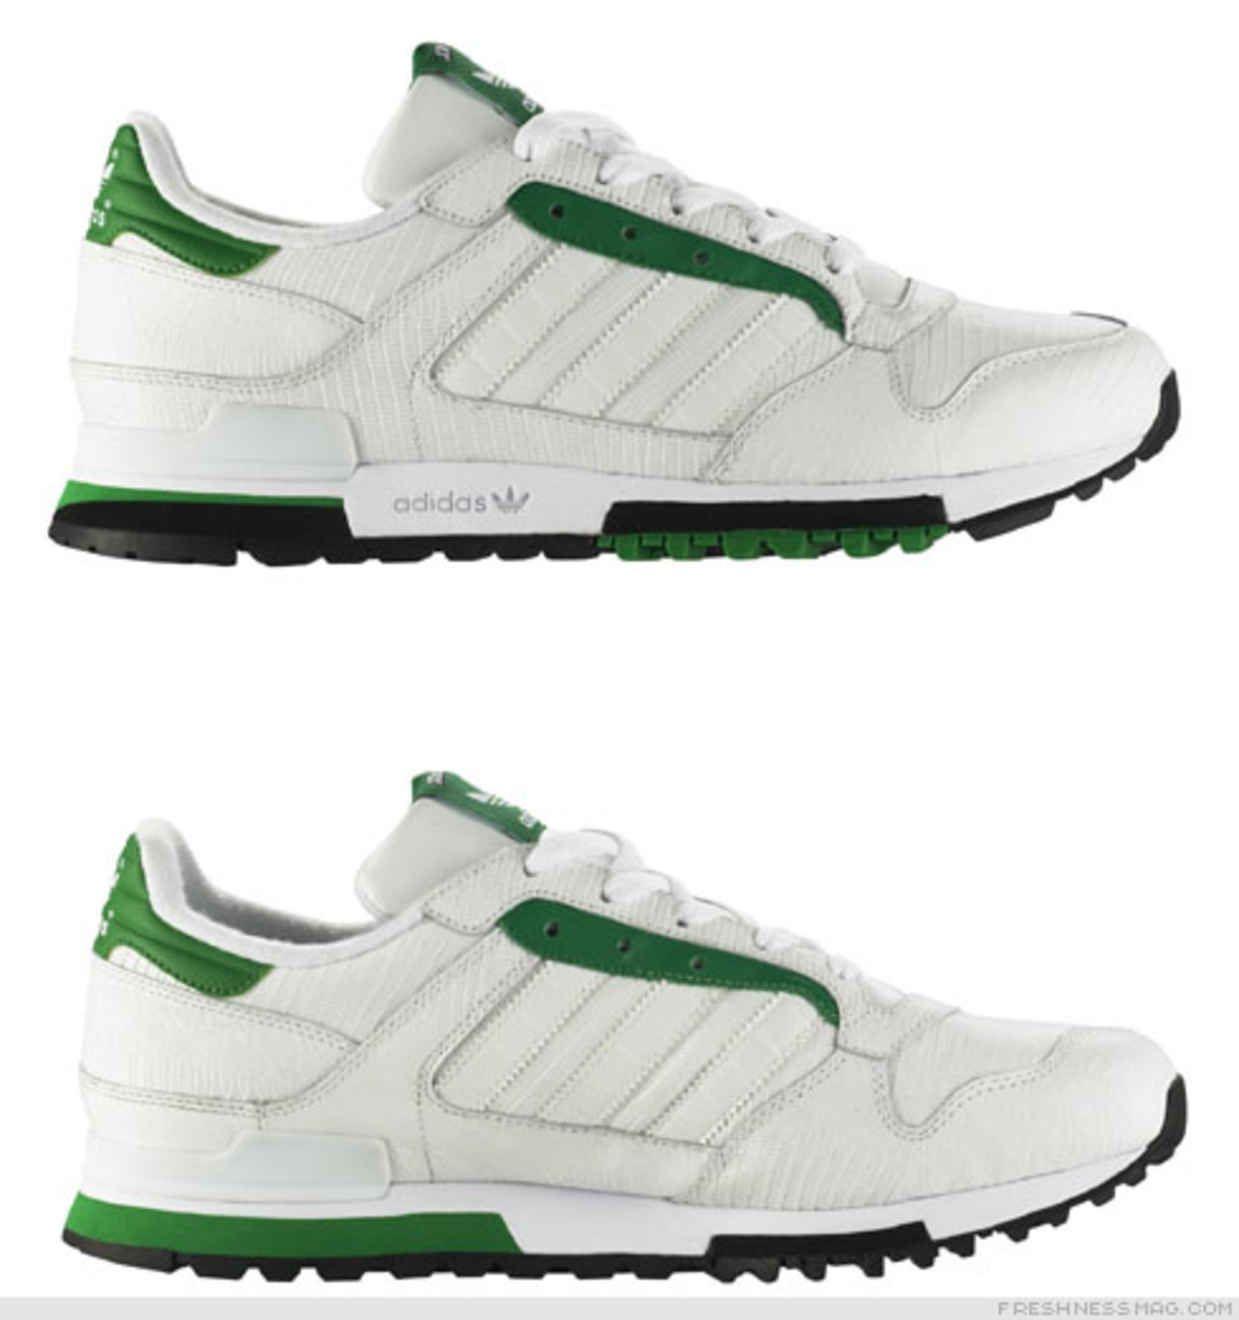 adidas zx 800 animal